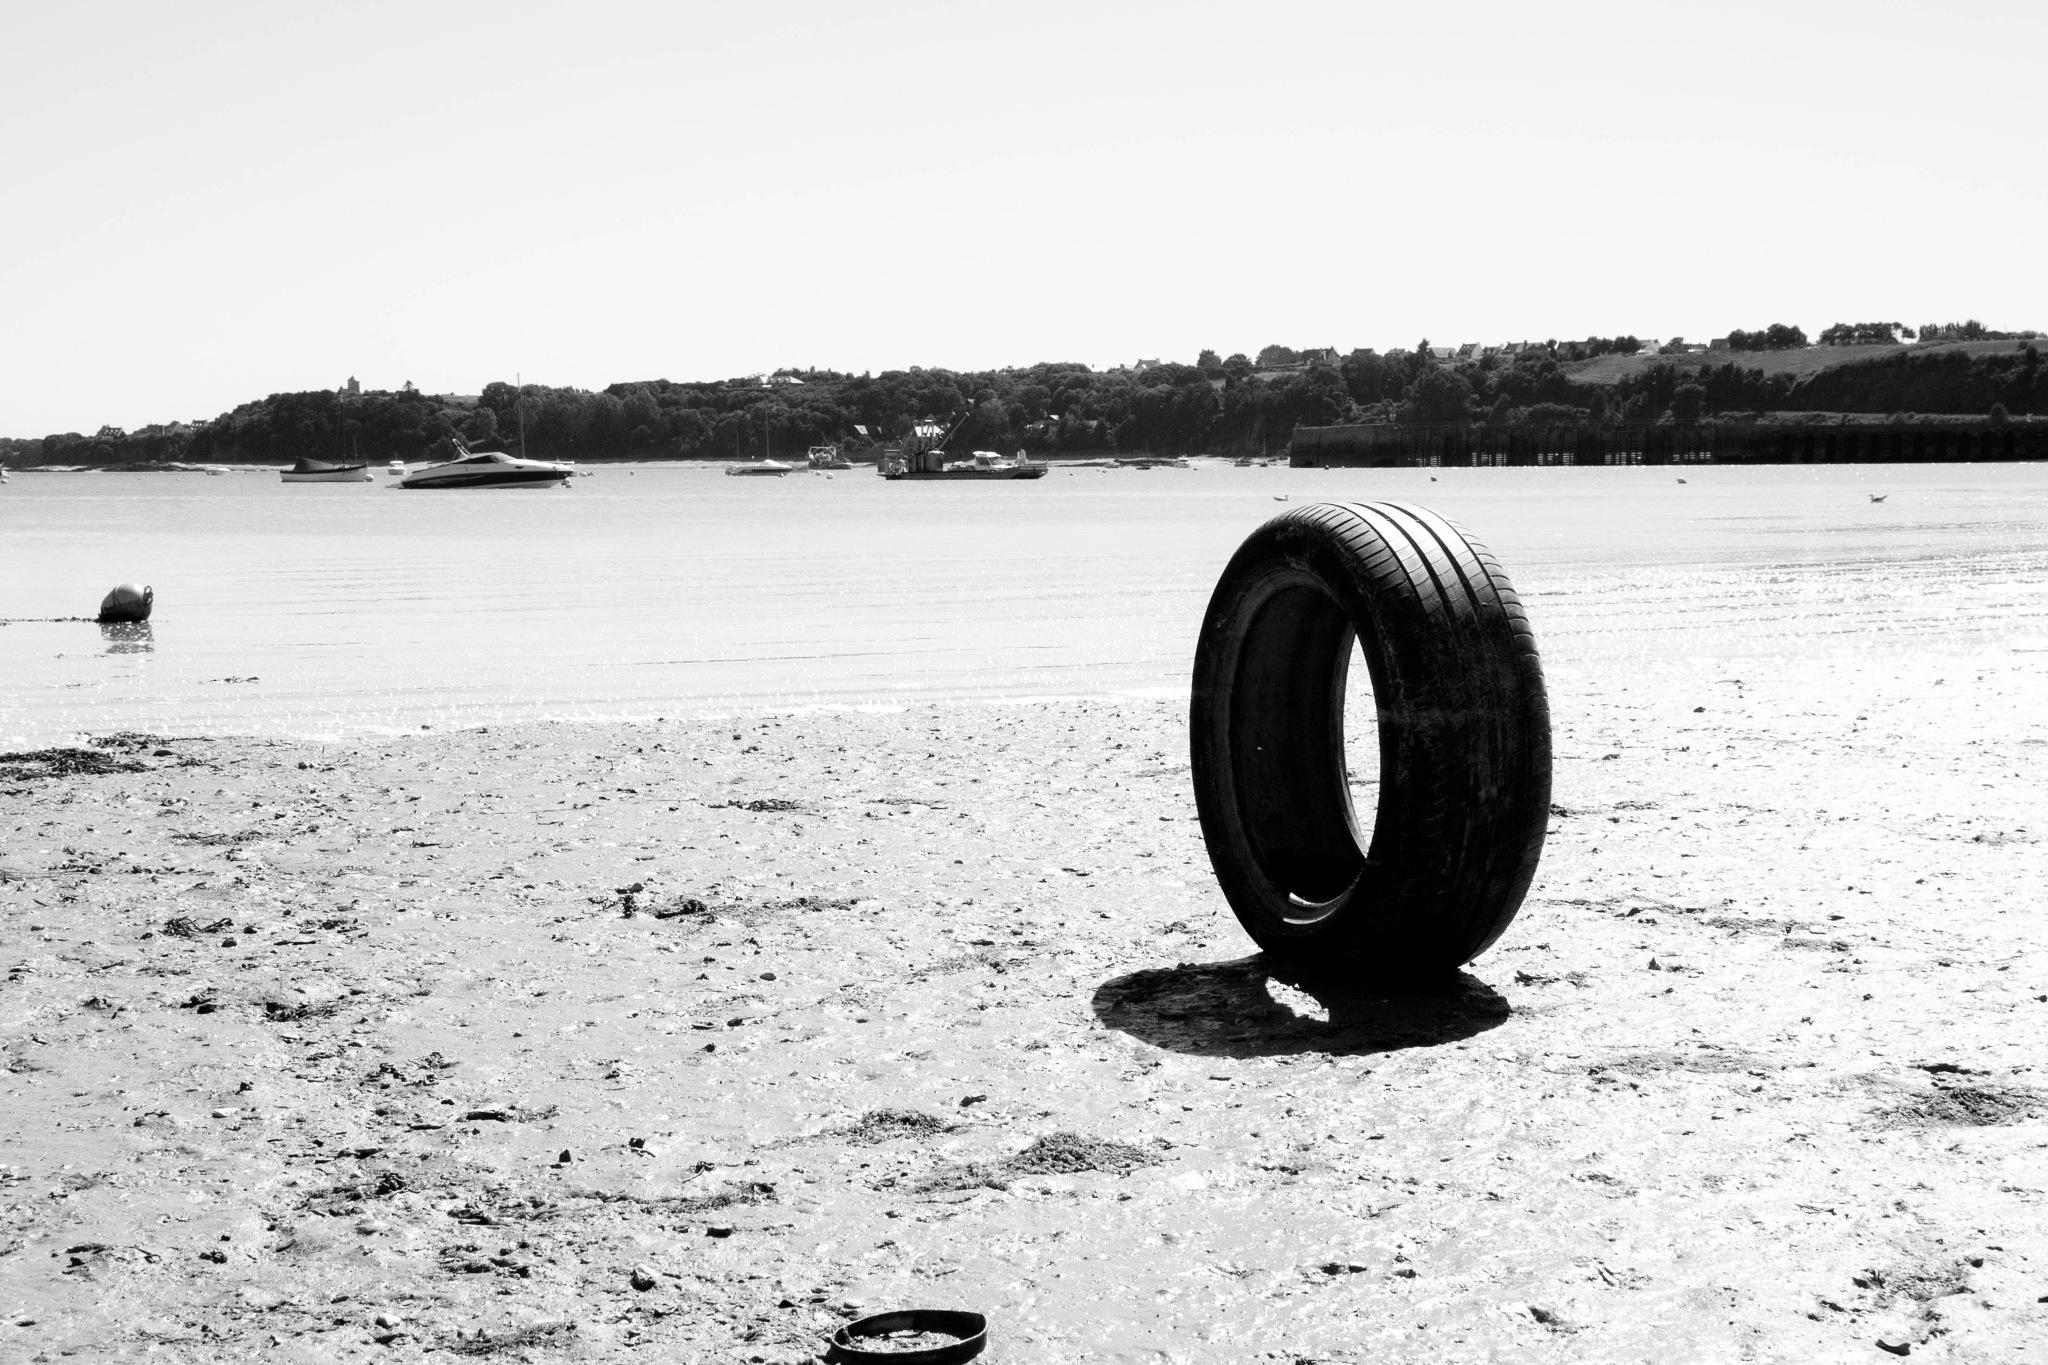 low tide by alain michel